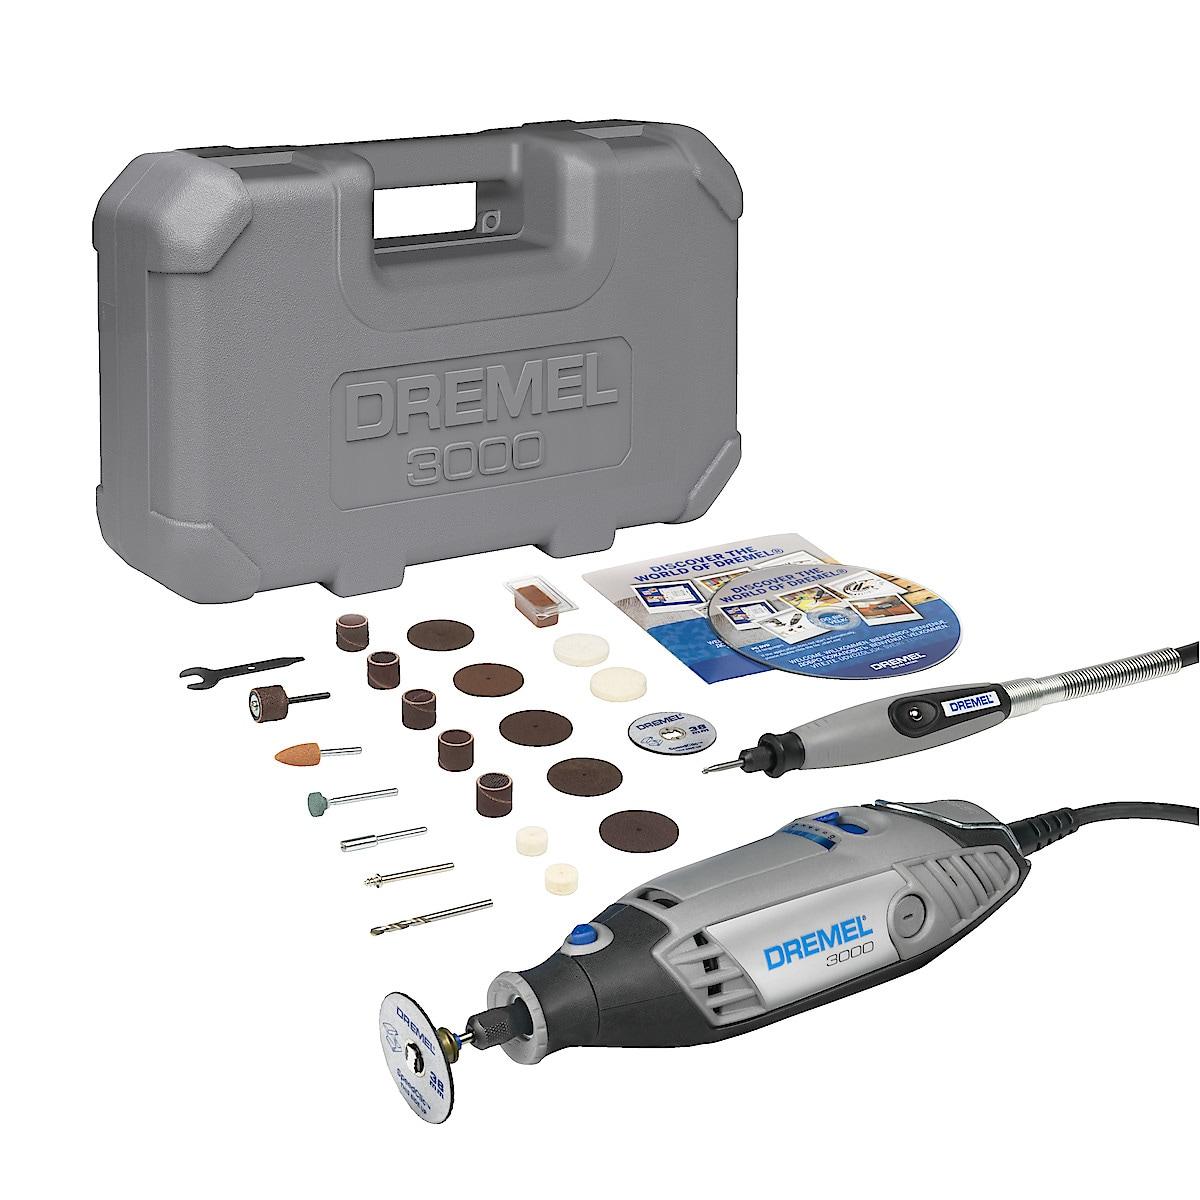 Multiverktyg Dremel 3000 kit